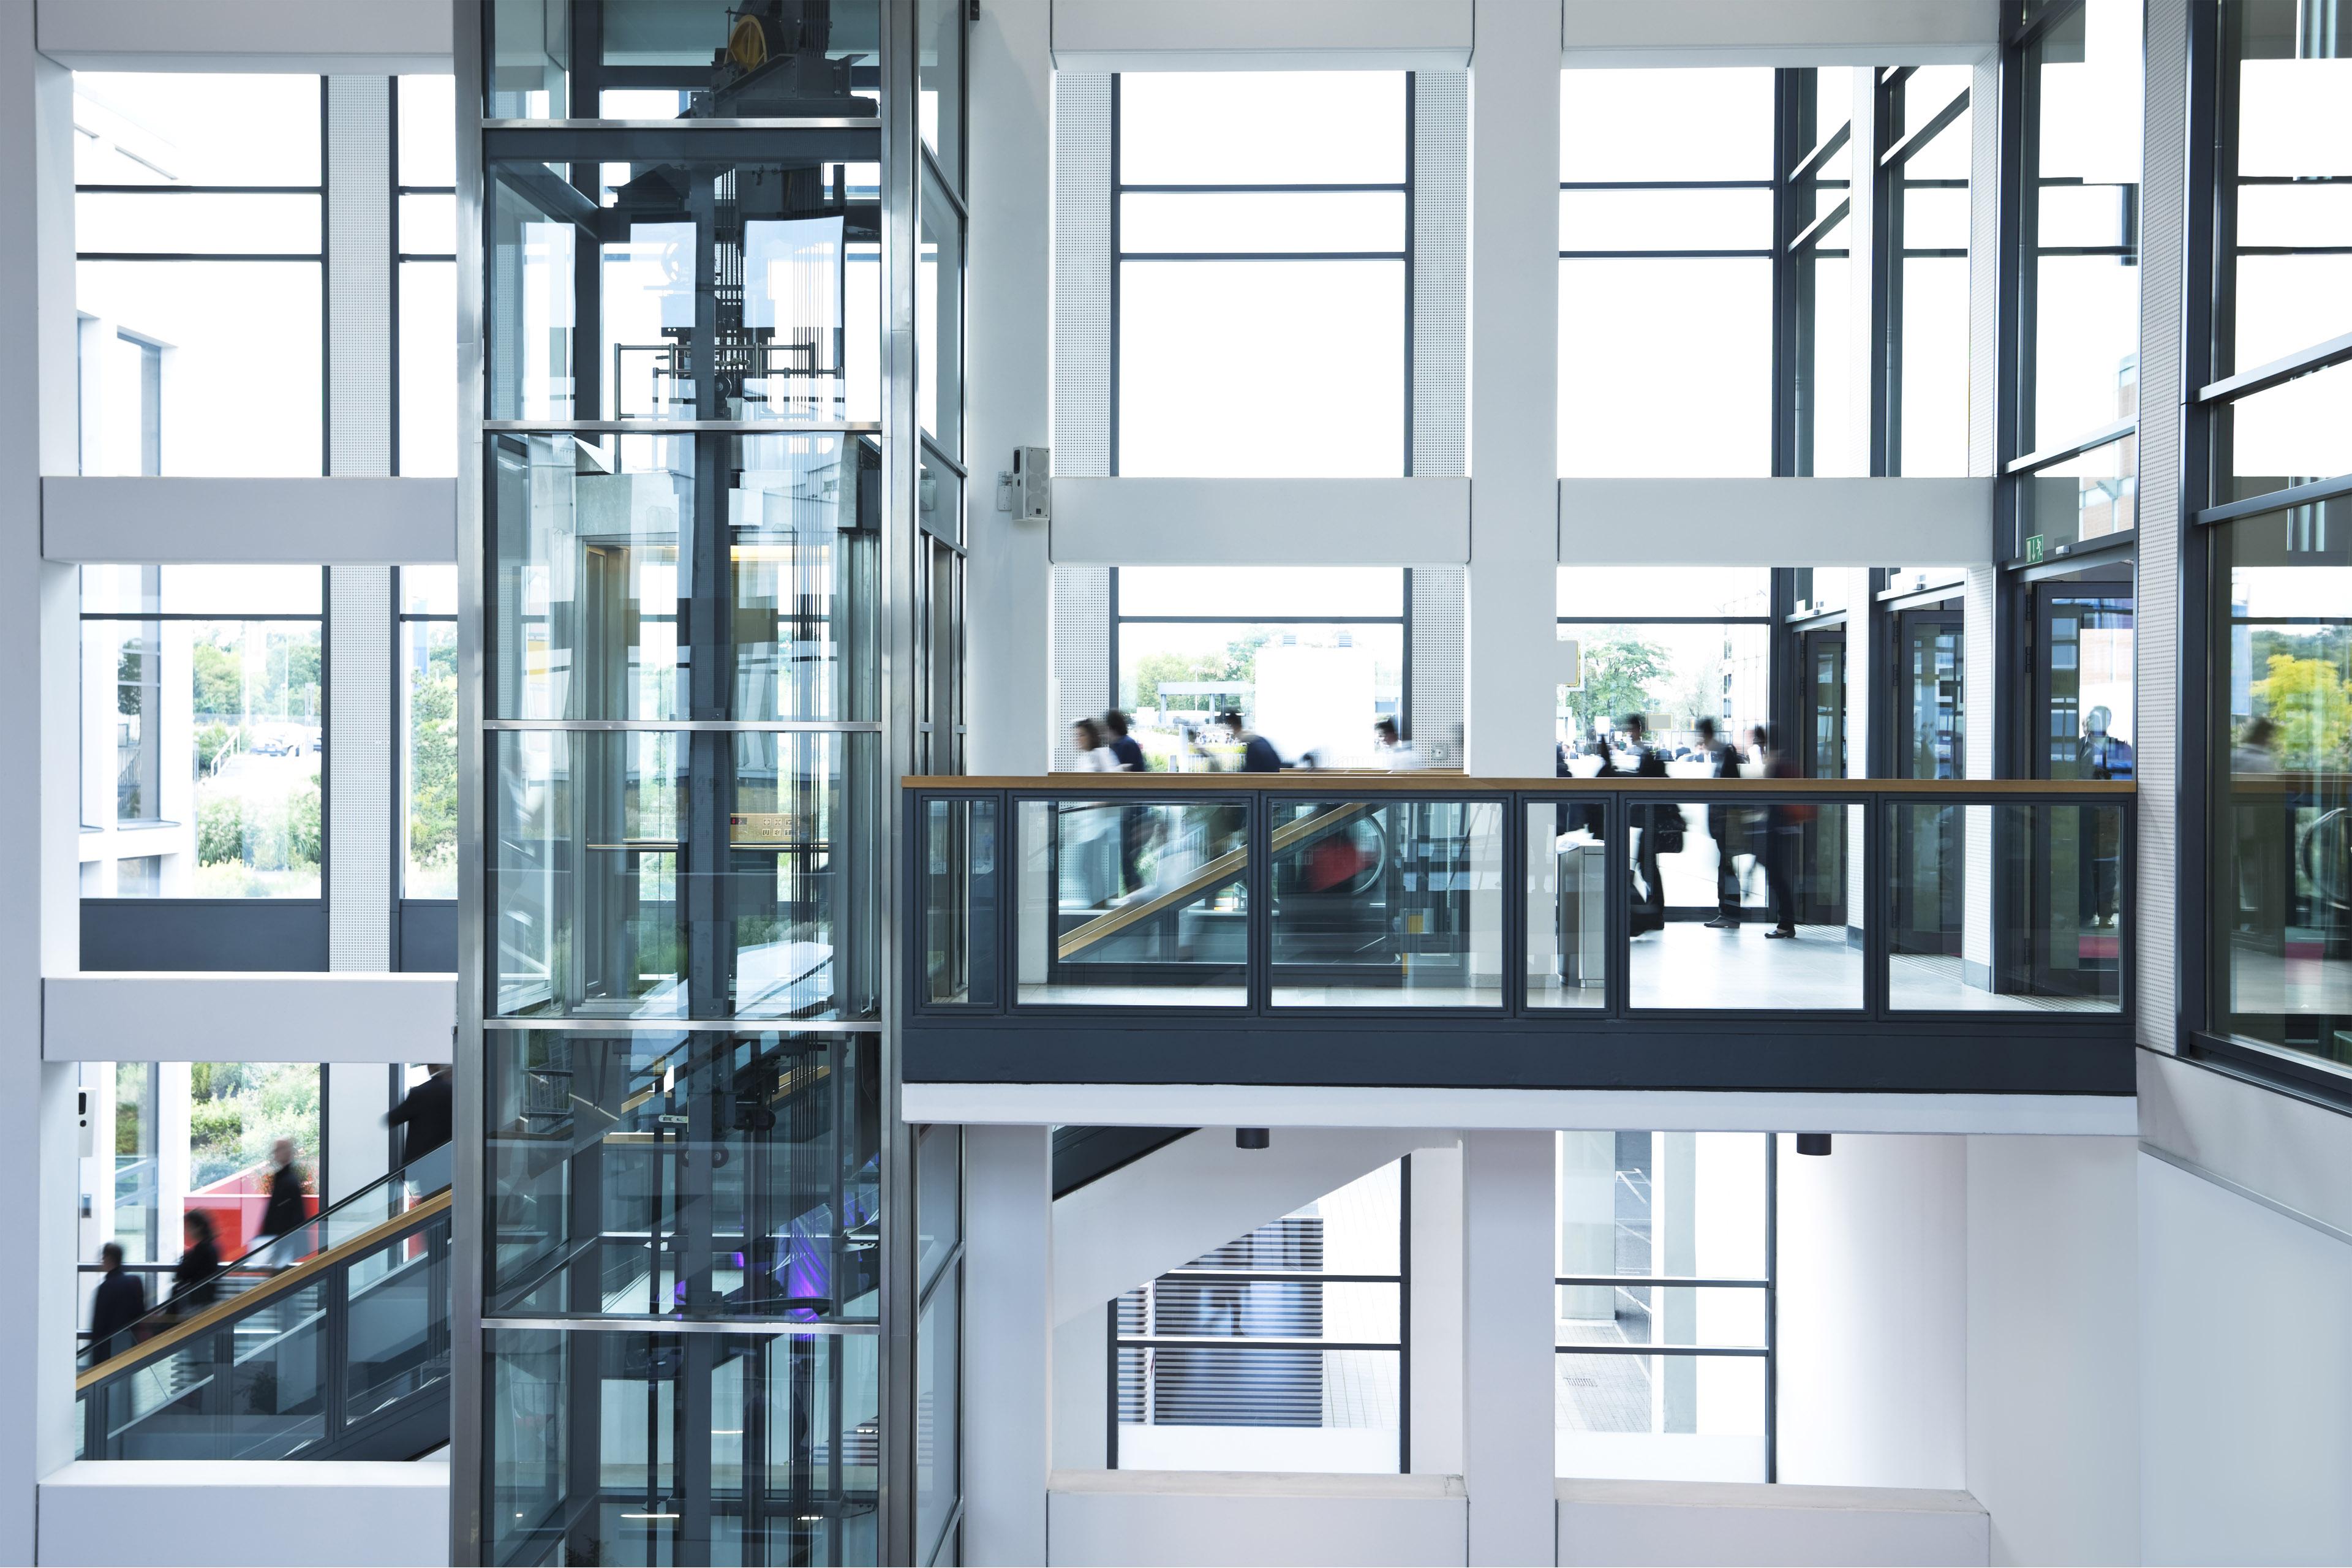 DX時代のビジネスに求められる「デジタルトラスト」 第1回「オープン化」の観点